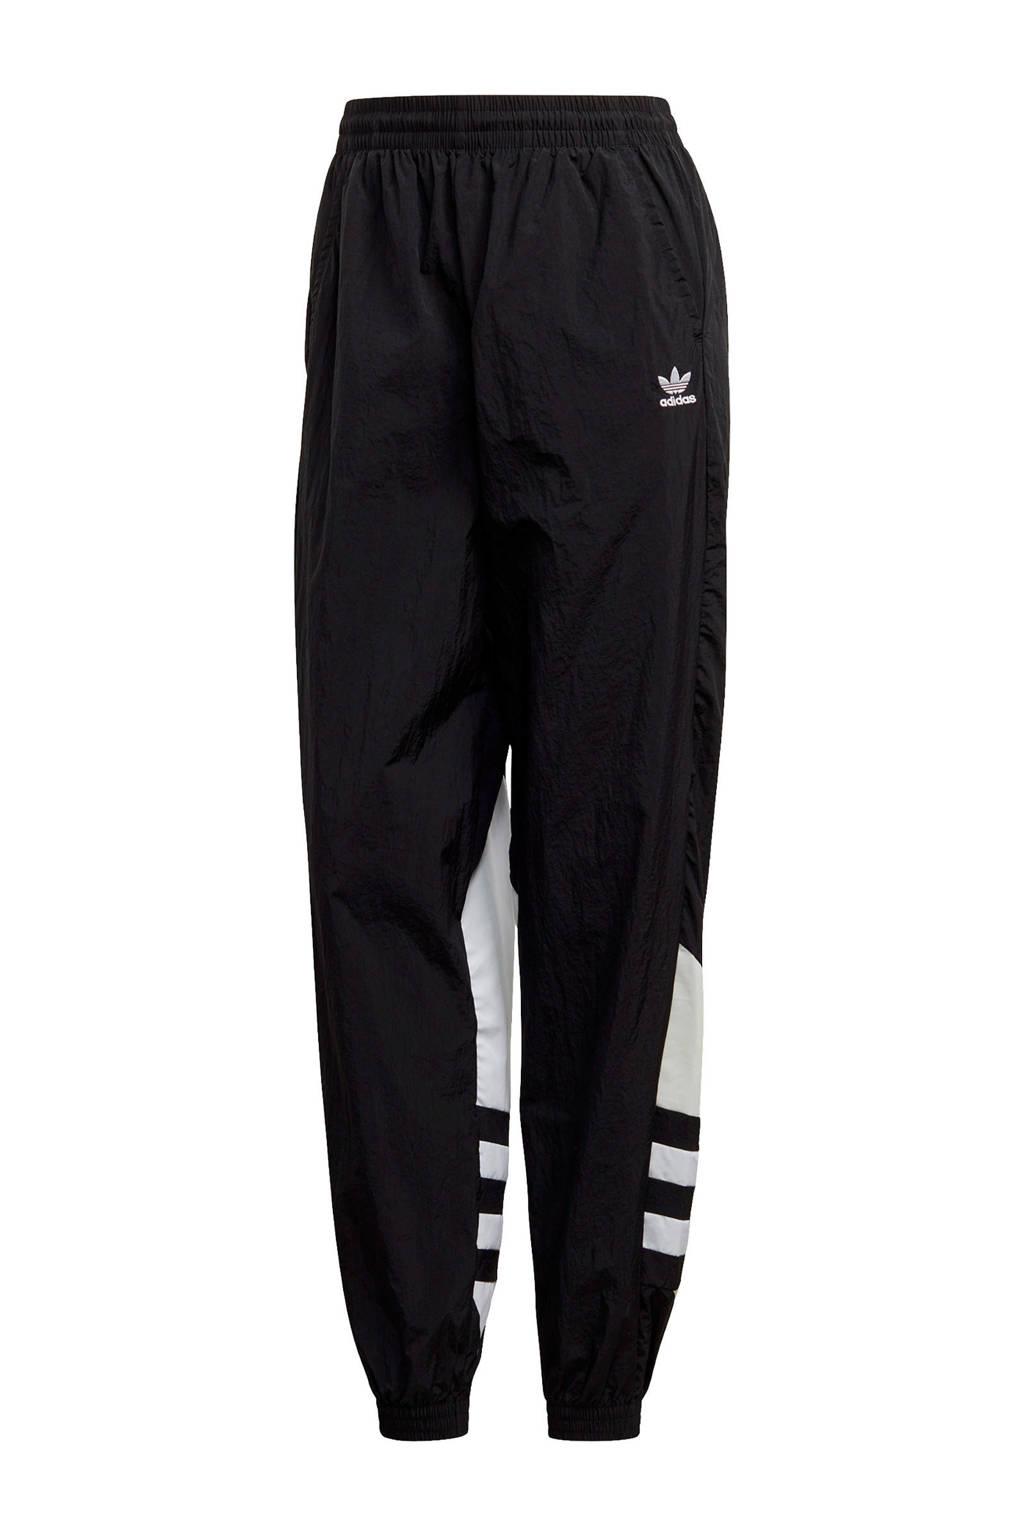 adidas Originals Adicolor sportbroek zwart/wit, Zwart/wit